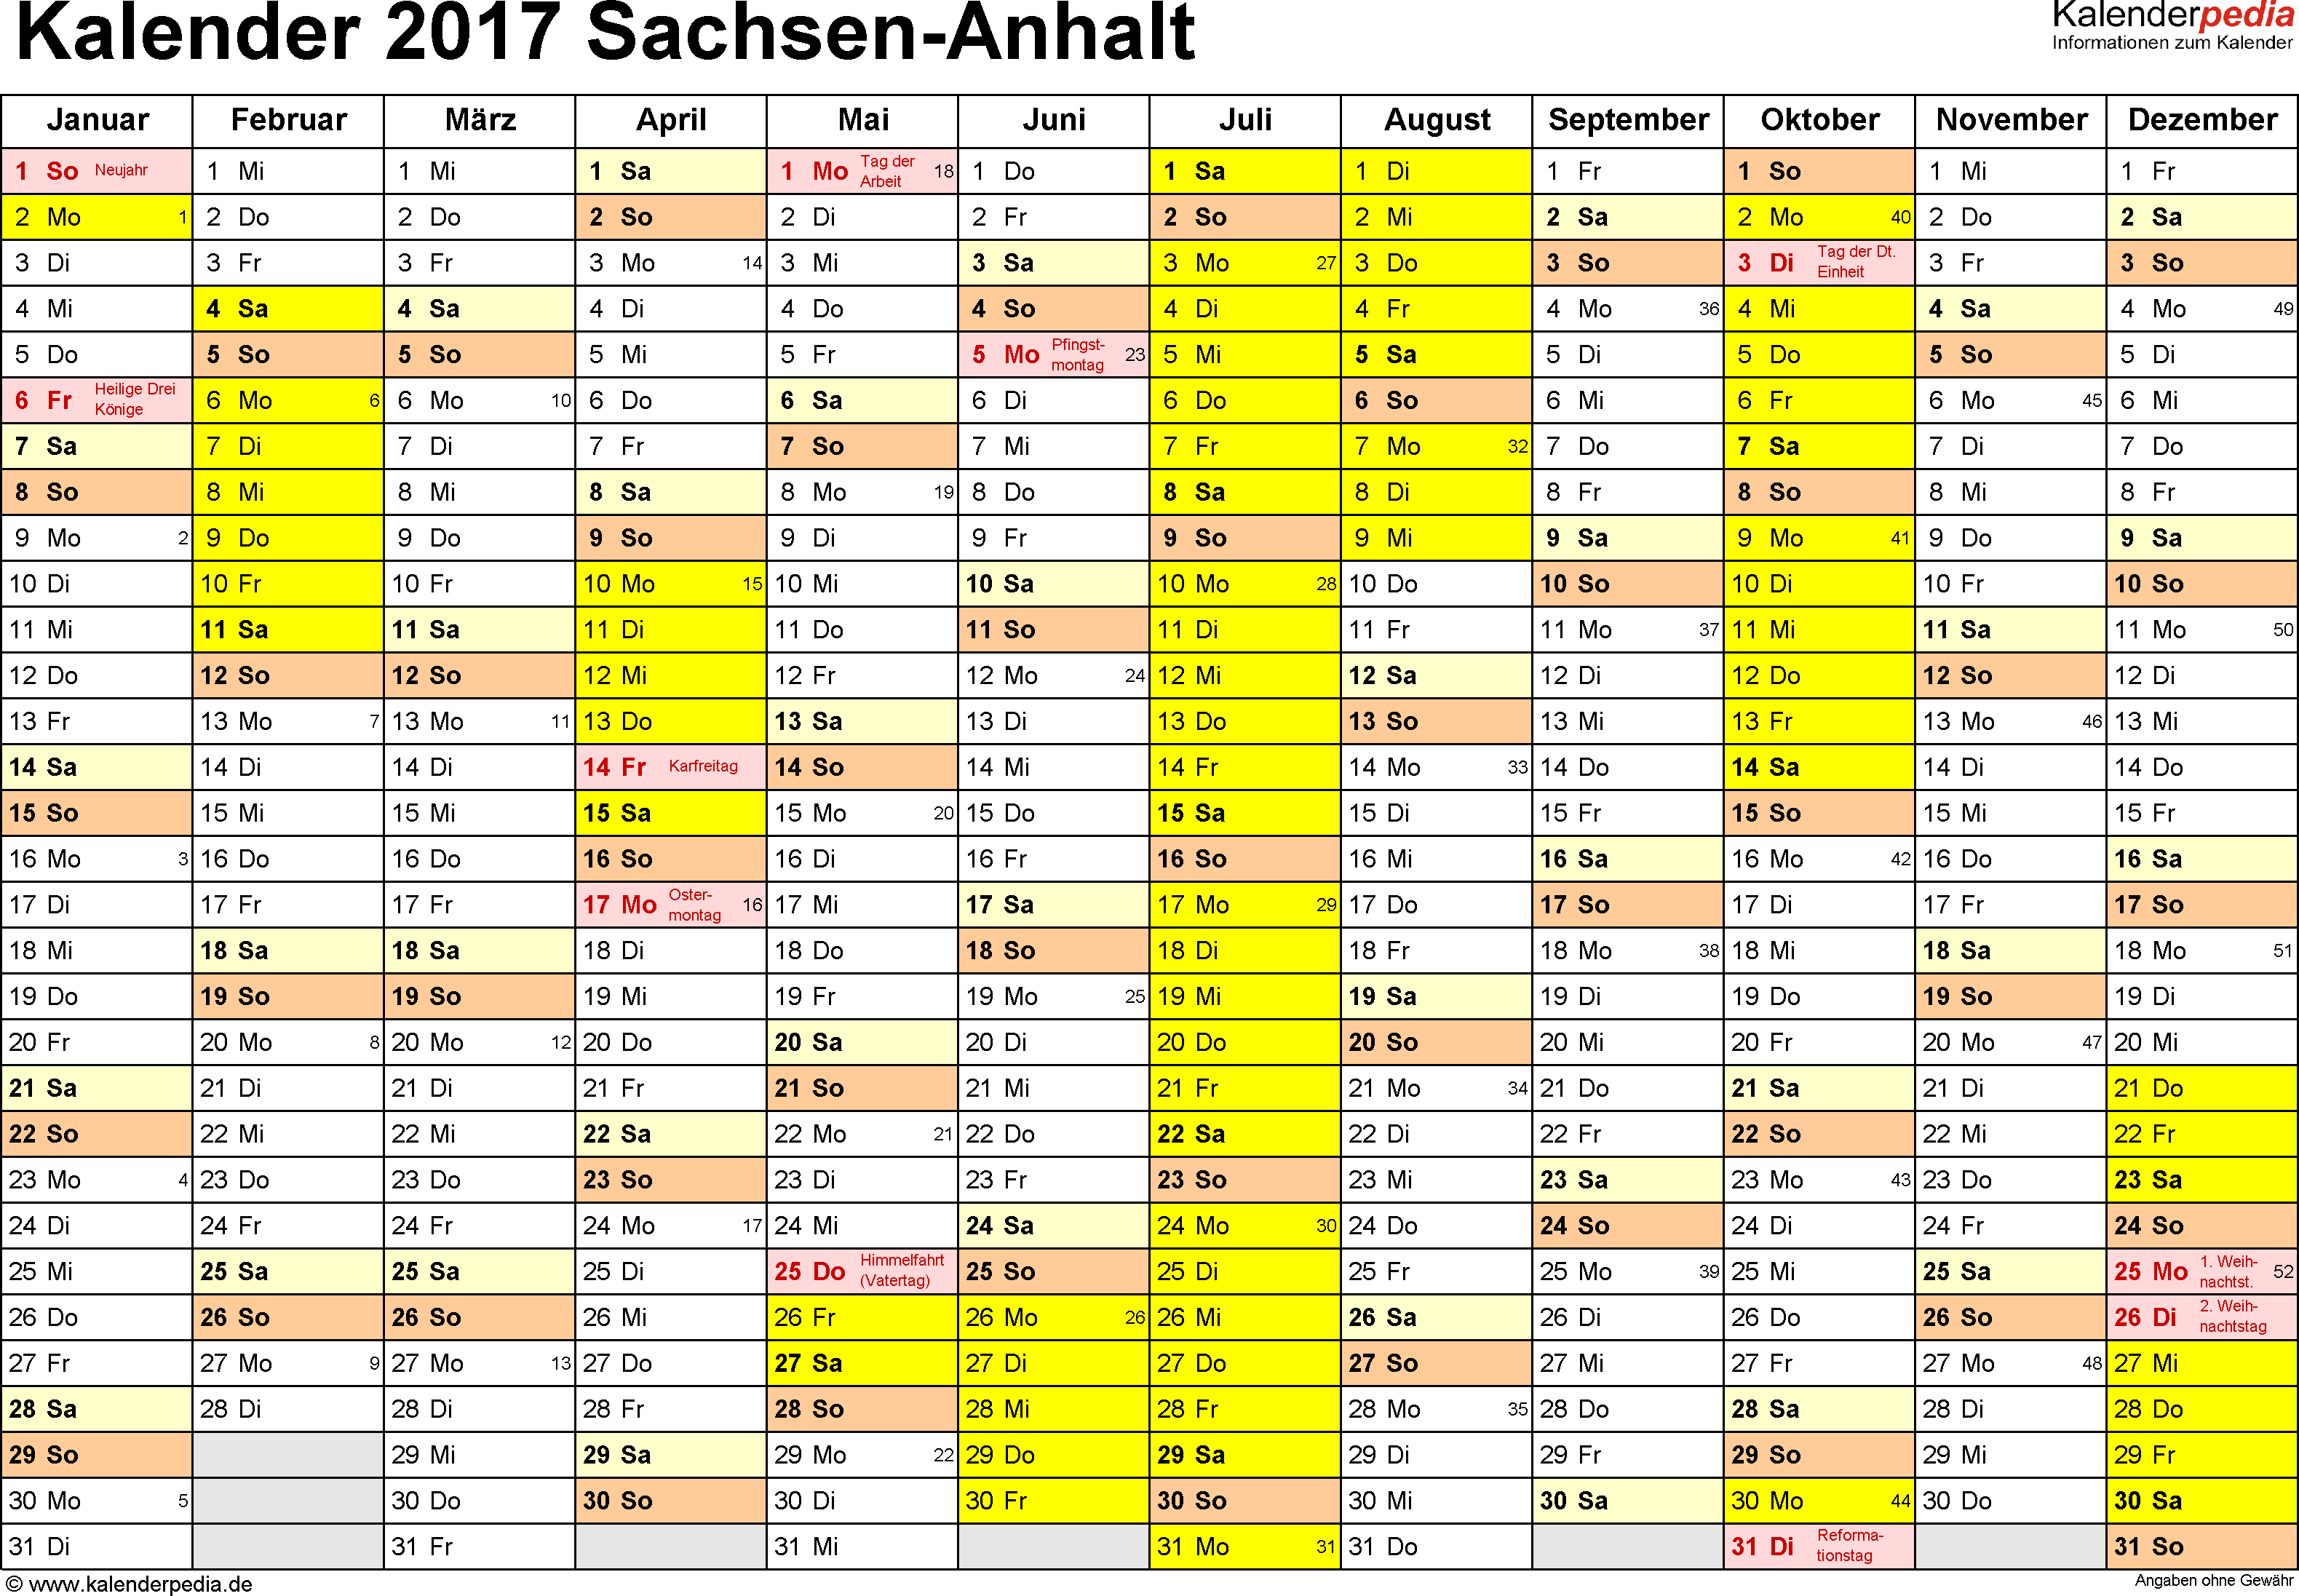 Vorlage 1: Kalender 2017 für Sachsen-Anhalt als Word-Vorlagen (Querformat, 1 Seite)